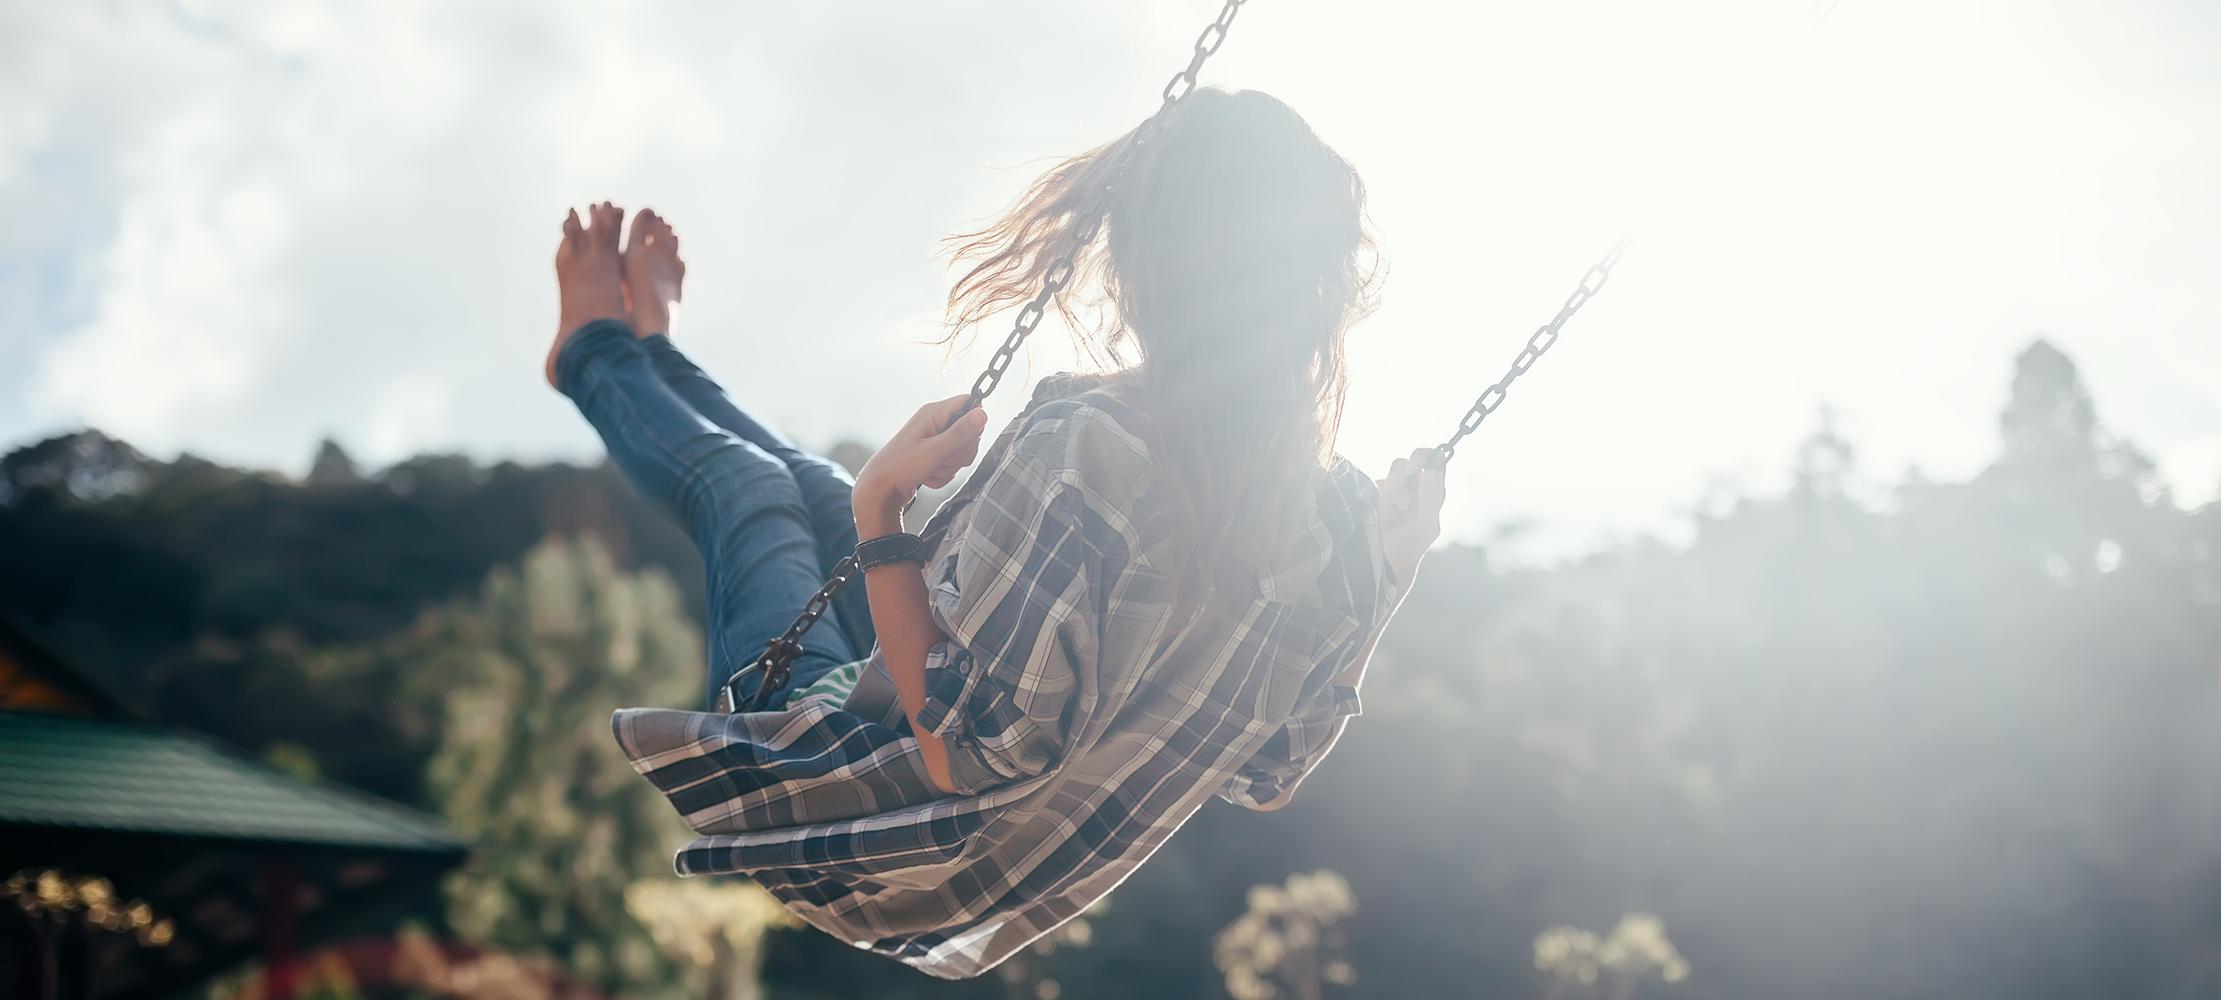 <h2>Eerlijker</h2><div>Een warm nest zorgt ervoor dat je zonder vrees je vleugels kan uitslaan en de wereld ontdekken. Van ons krijgt elke burger een eerlijke kans om zijn dromen waar te maken.</div>